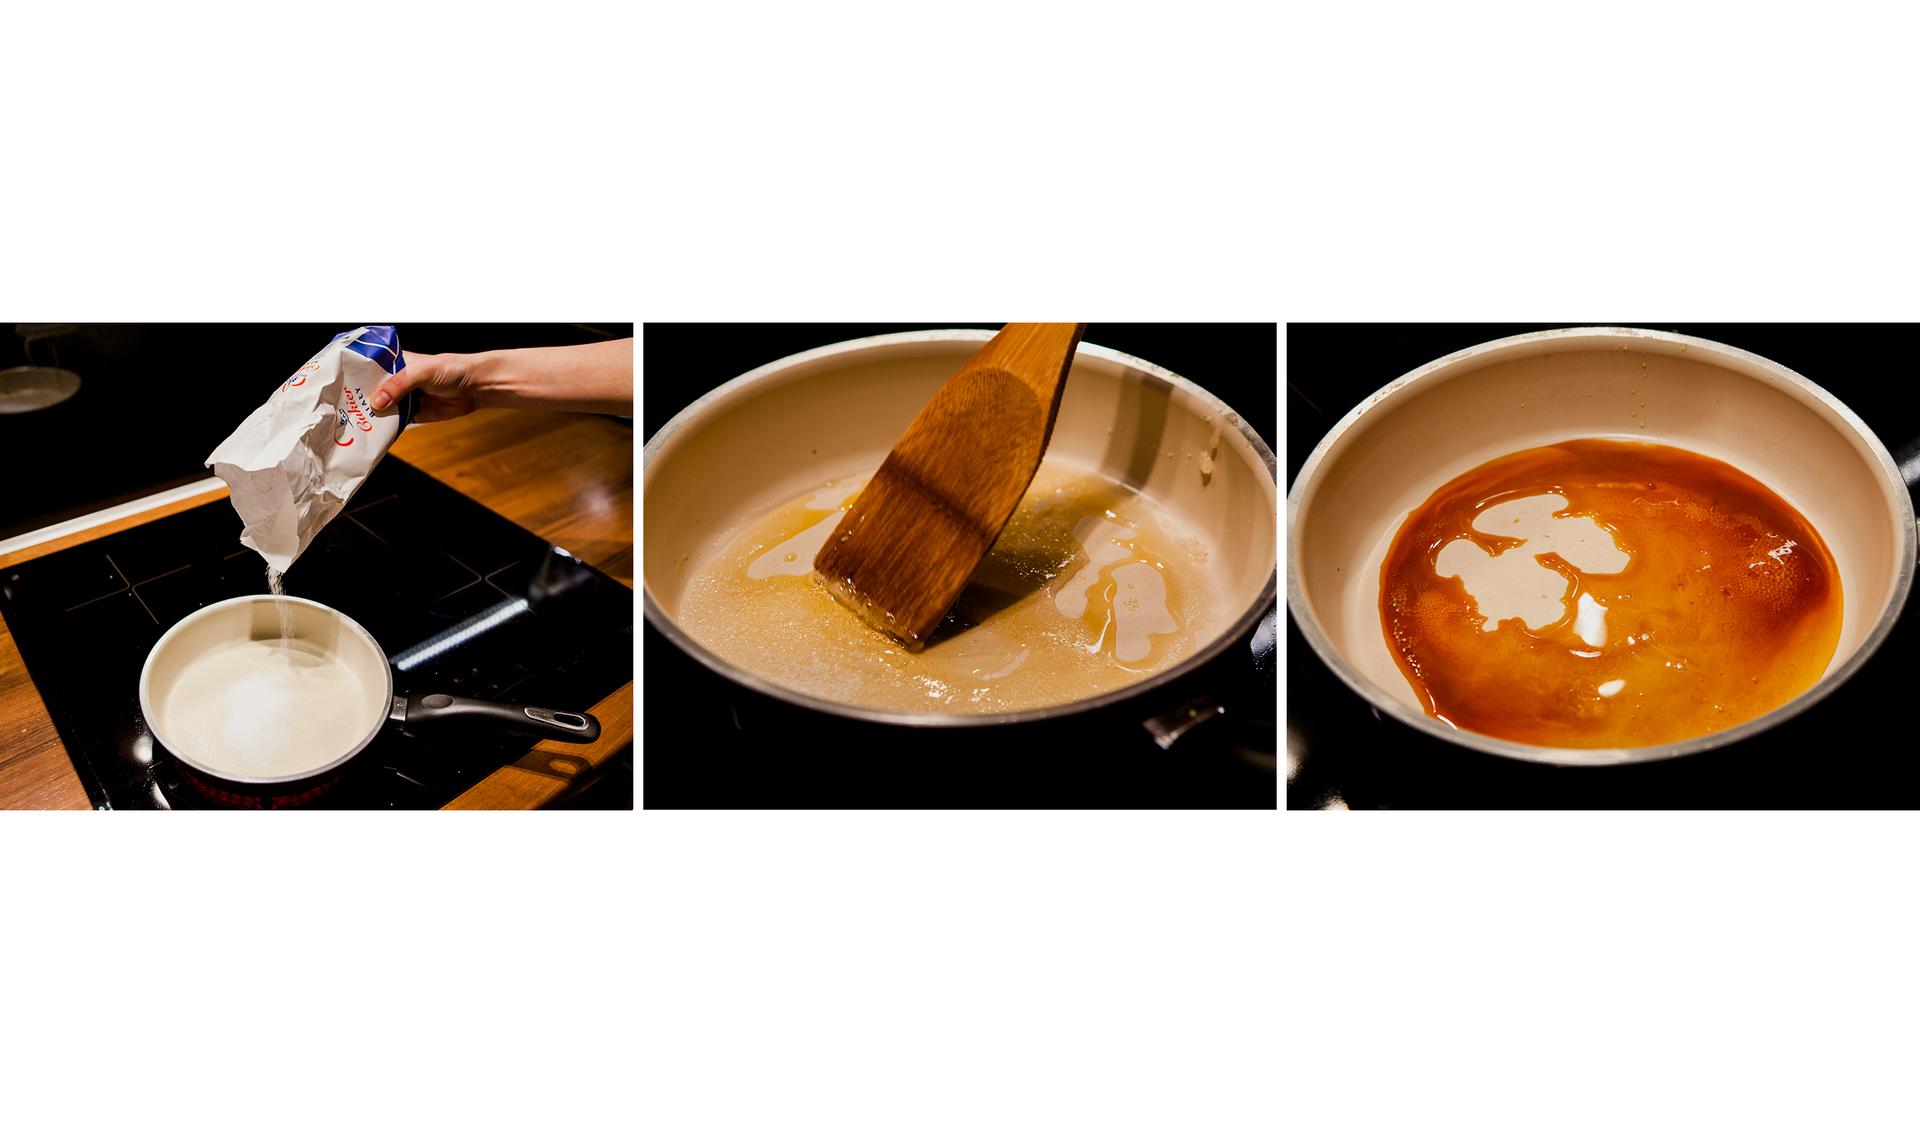 Ilustracja prezentuje trzy zdjęcia umieszczone obok siebie, prezentujące robienie karmelu zcukru. Pierwsze zdjęcie licząc od lewej strony przedstawia nasypywanie cukru do płaskiego rondla stojącego na płycie grzewczej. Na zdjęciu środkowym częściowo roztopiony iciemniejący cukier mieszany jest drewnianą łyżką do konfitur. Zdjęcie po prawej stronie przedstawia bardzo podobny widok co wcześniej, lecz zjuż stopionym iznacznie ciemniejszym gotowym karmelem.